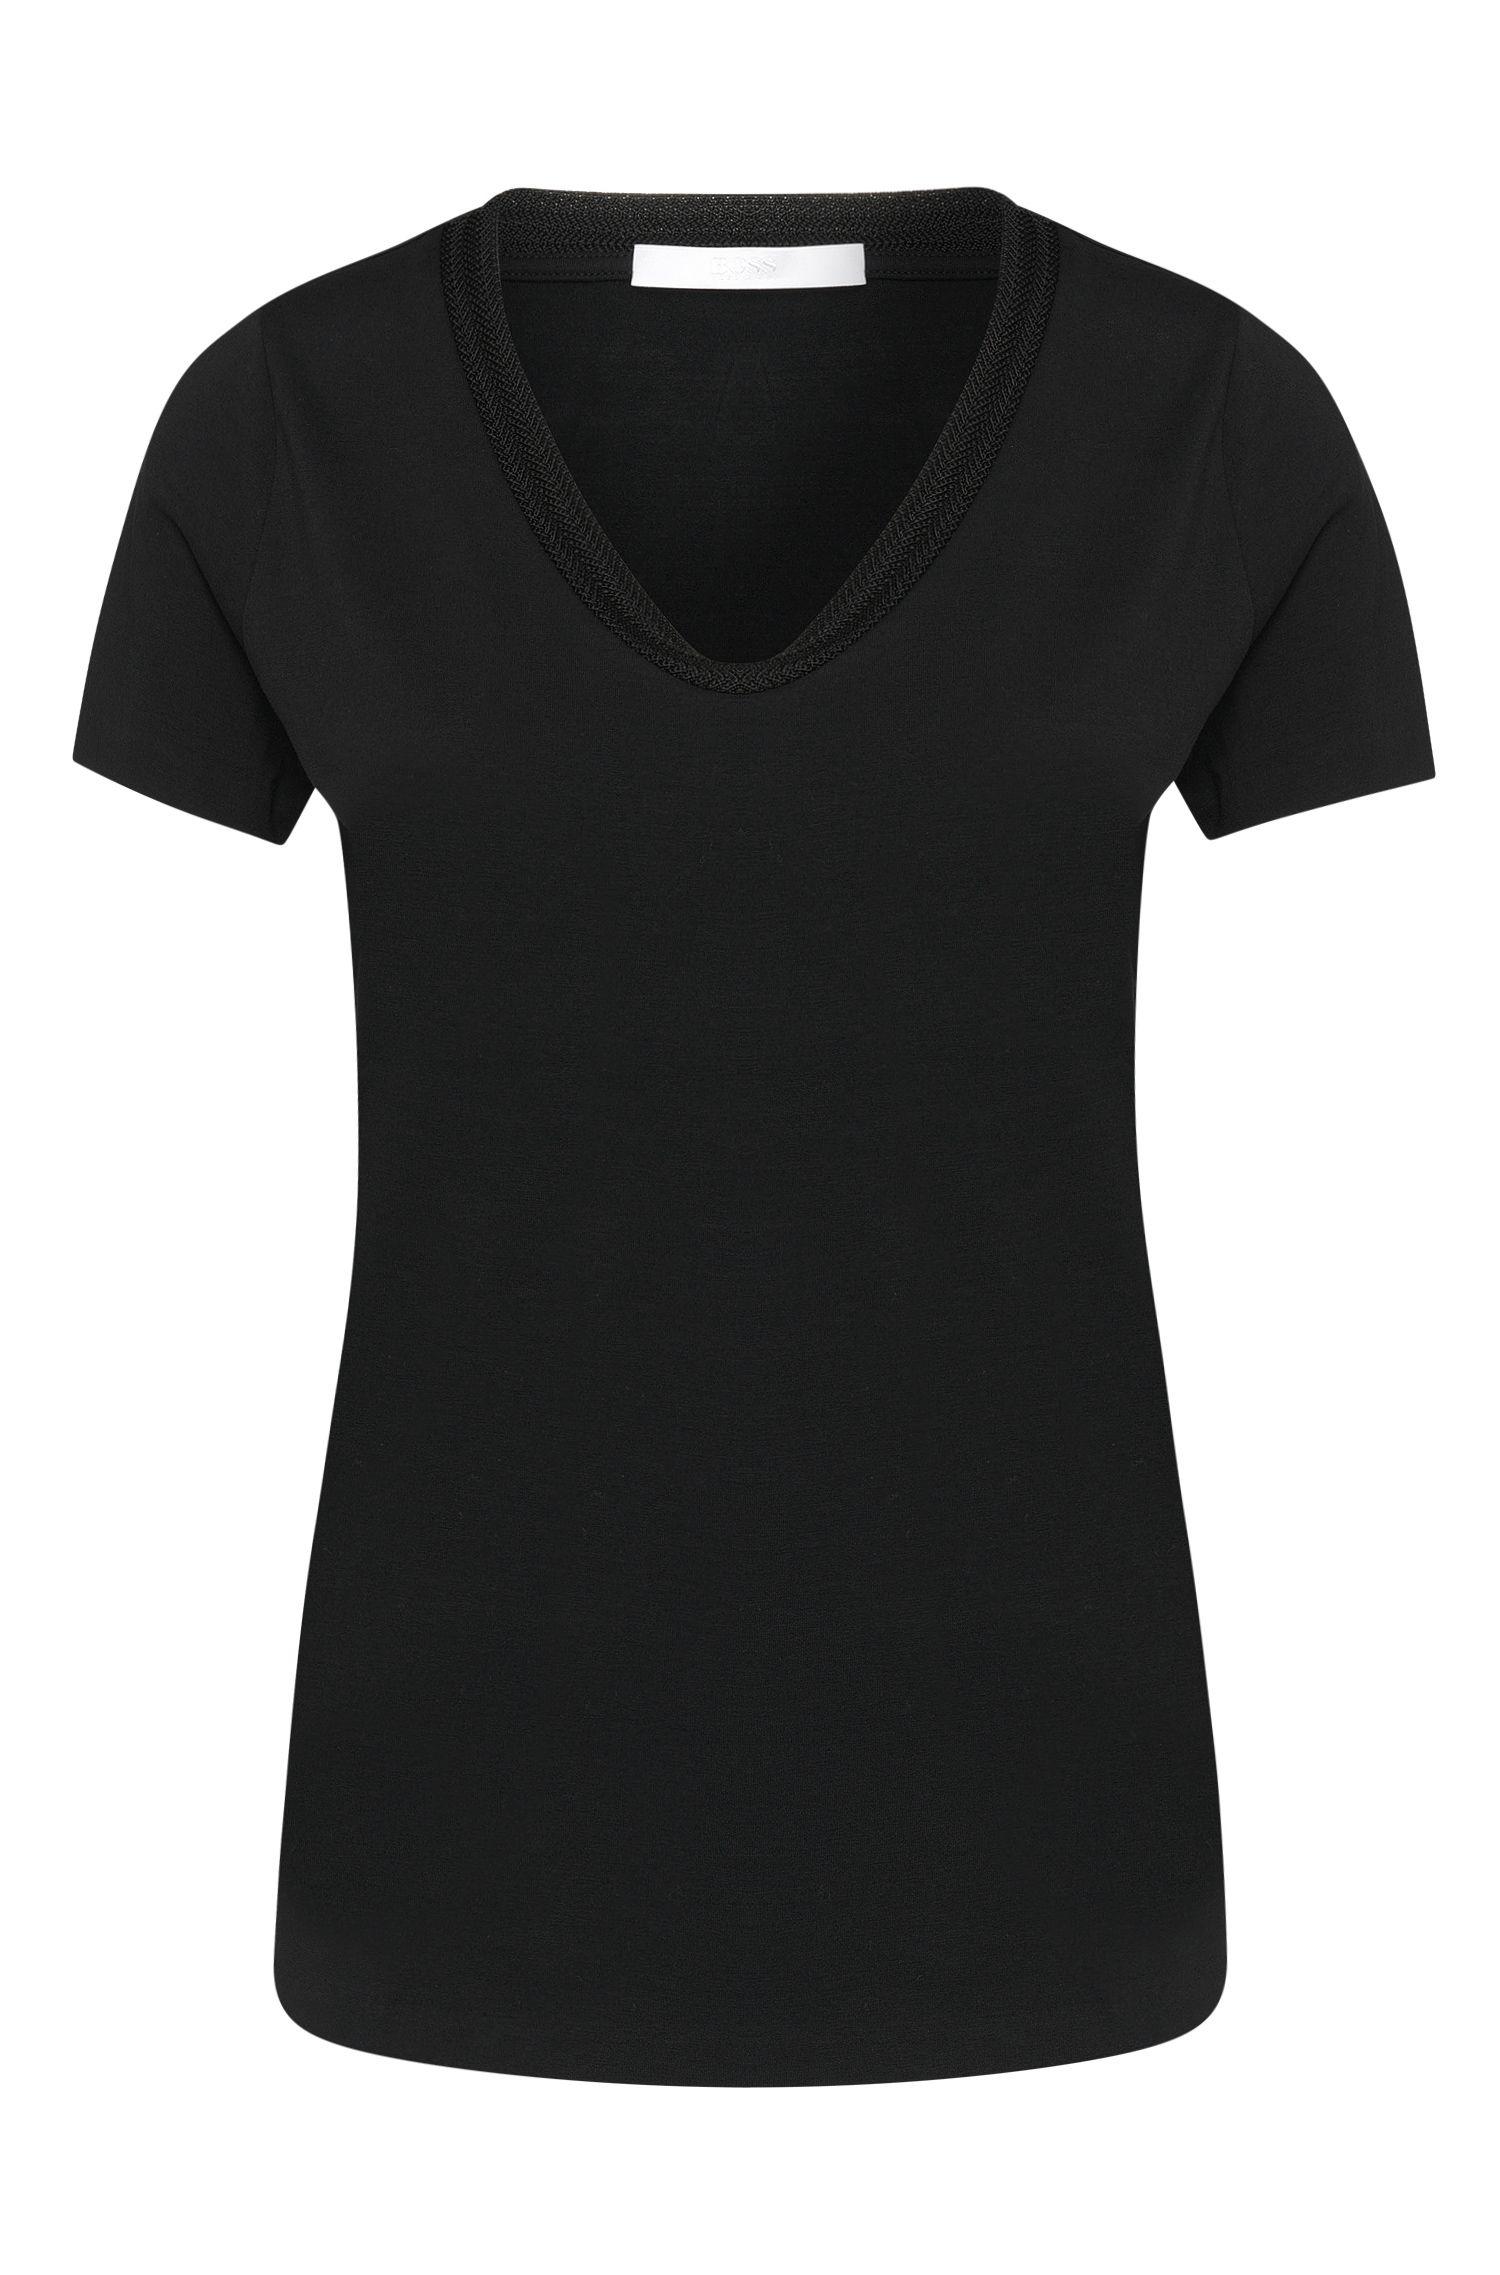 Tailliertes T-Shirt aus elastischer Baumwolle: 'Estana'